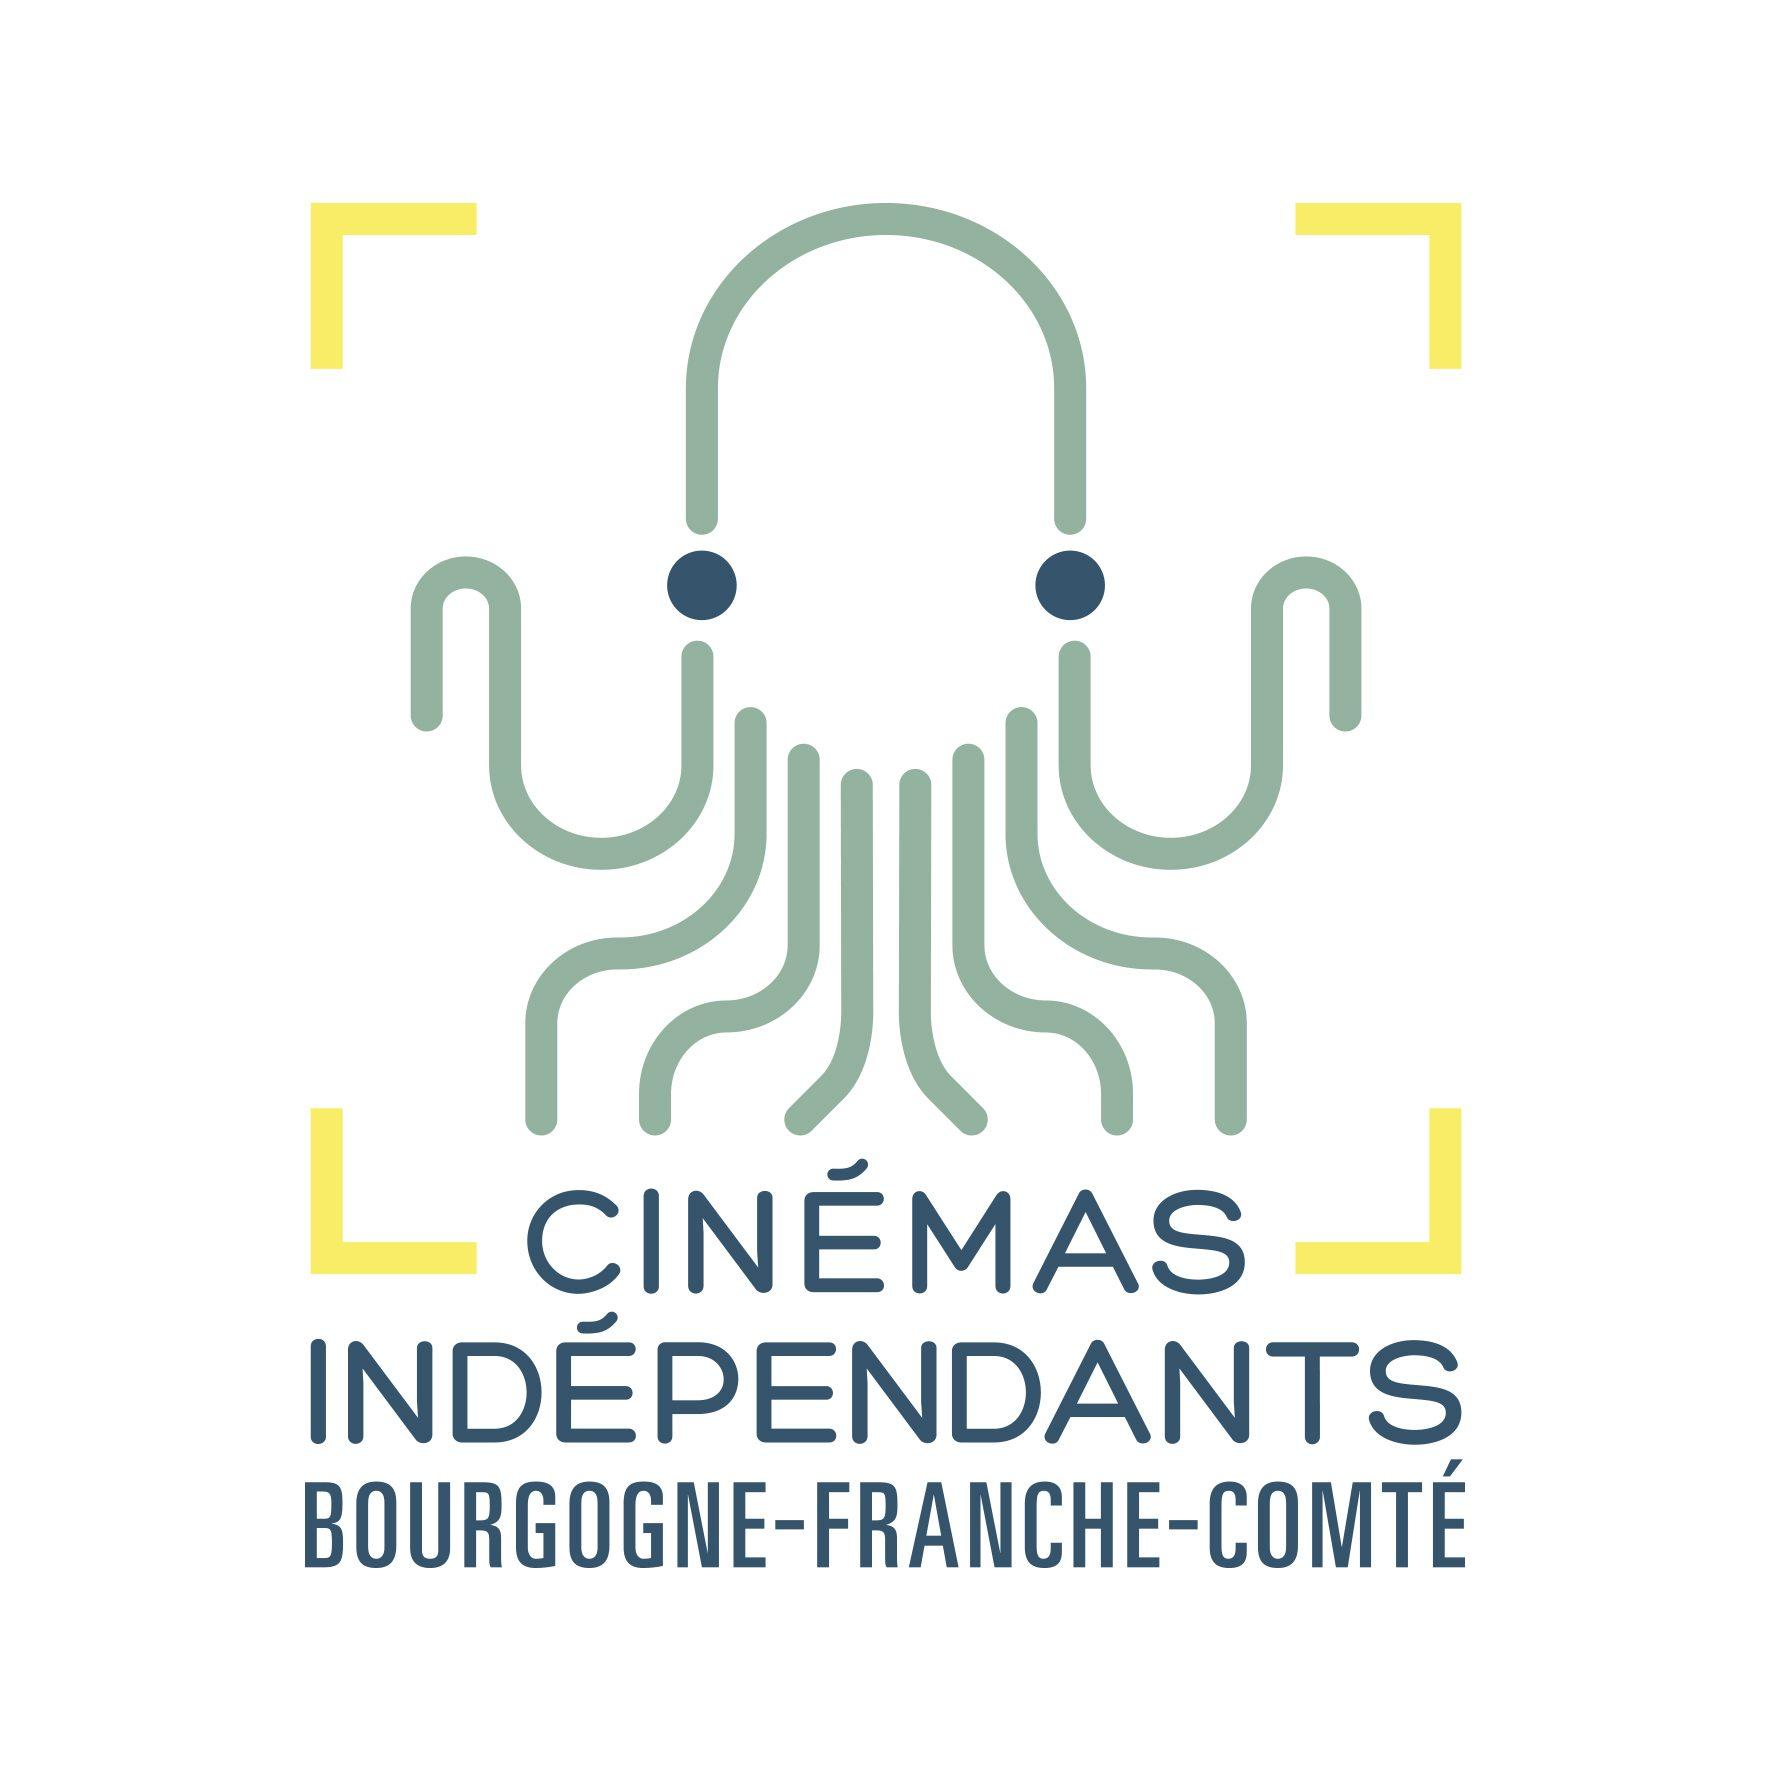 Association Les Cinémas Indépendants de Bourgogne Franche-Comté (CIBFC)